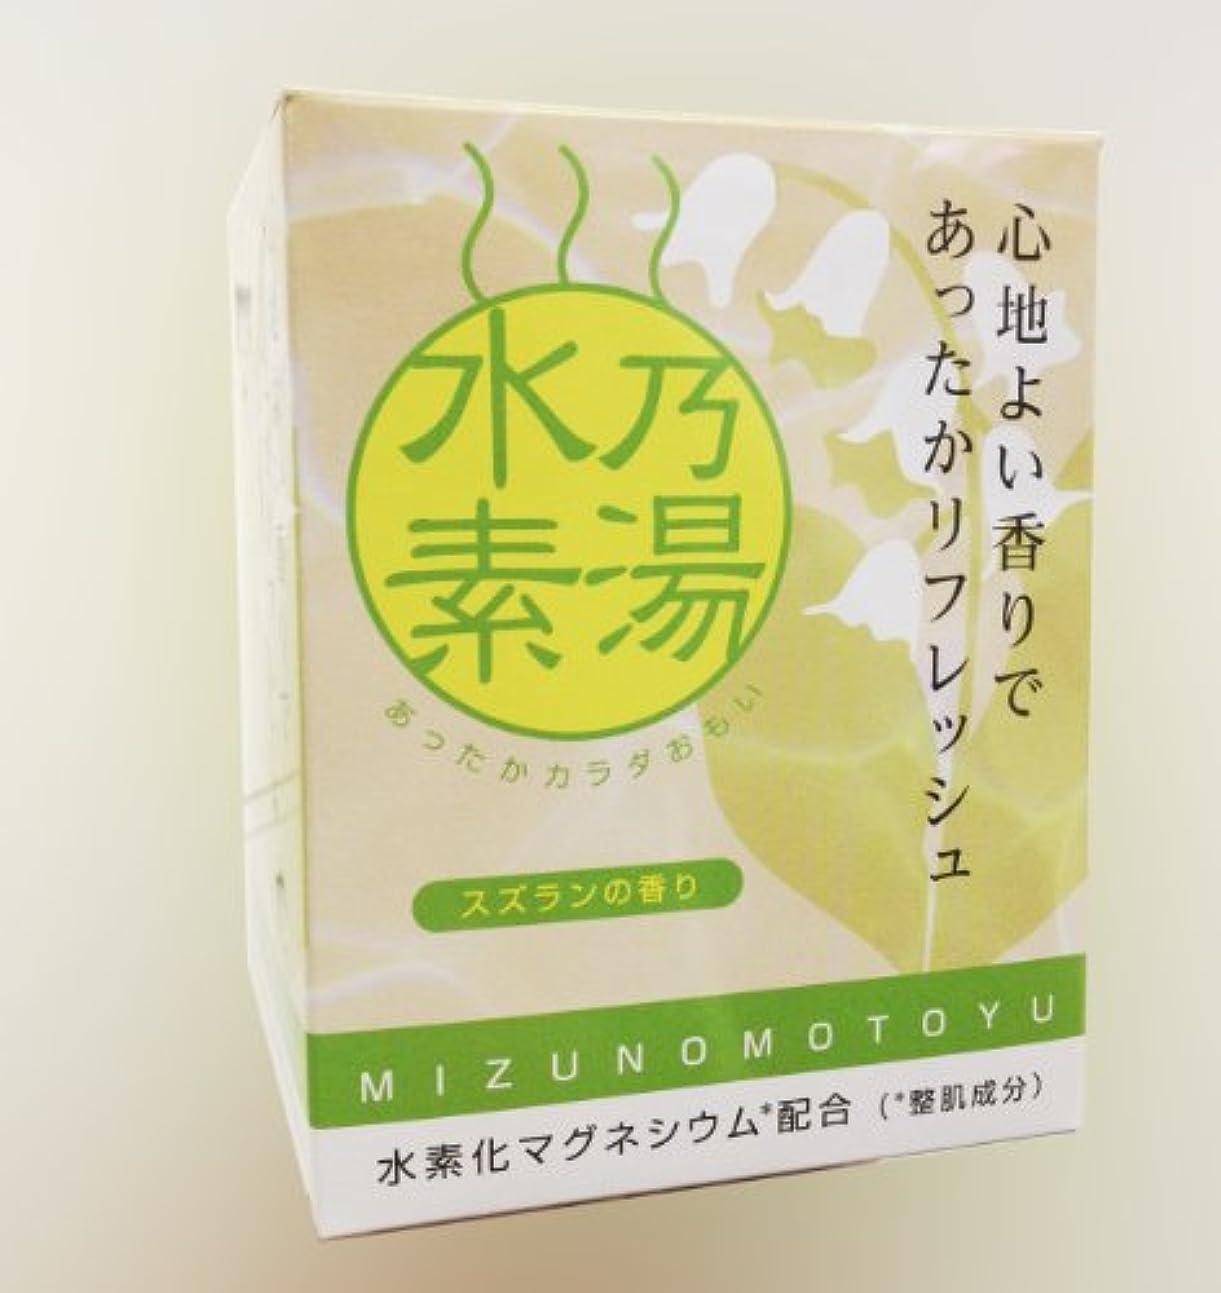 満員宣言故意の水乃素湯 水素化マグネシウムを使った入浴化粧料